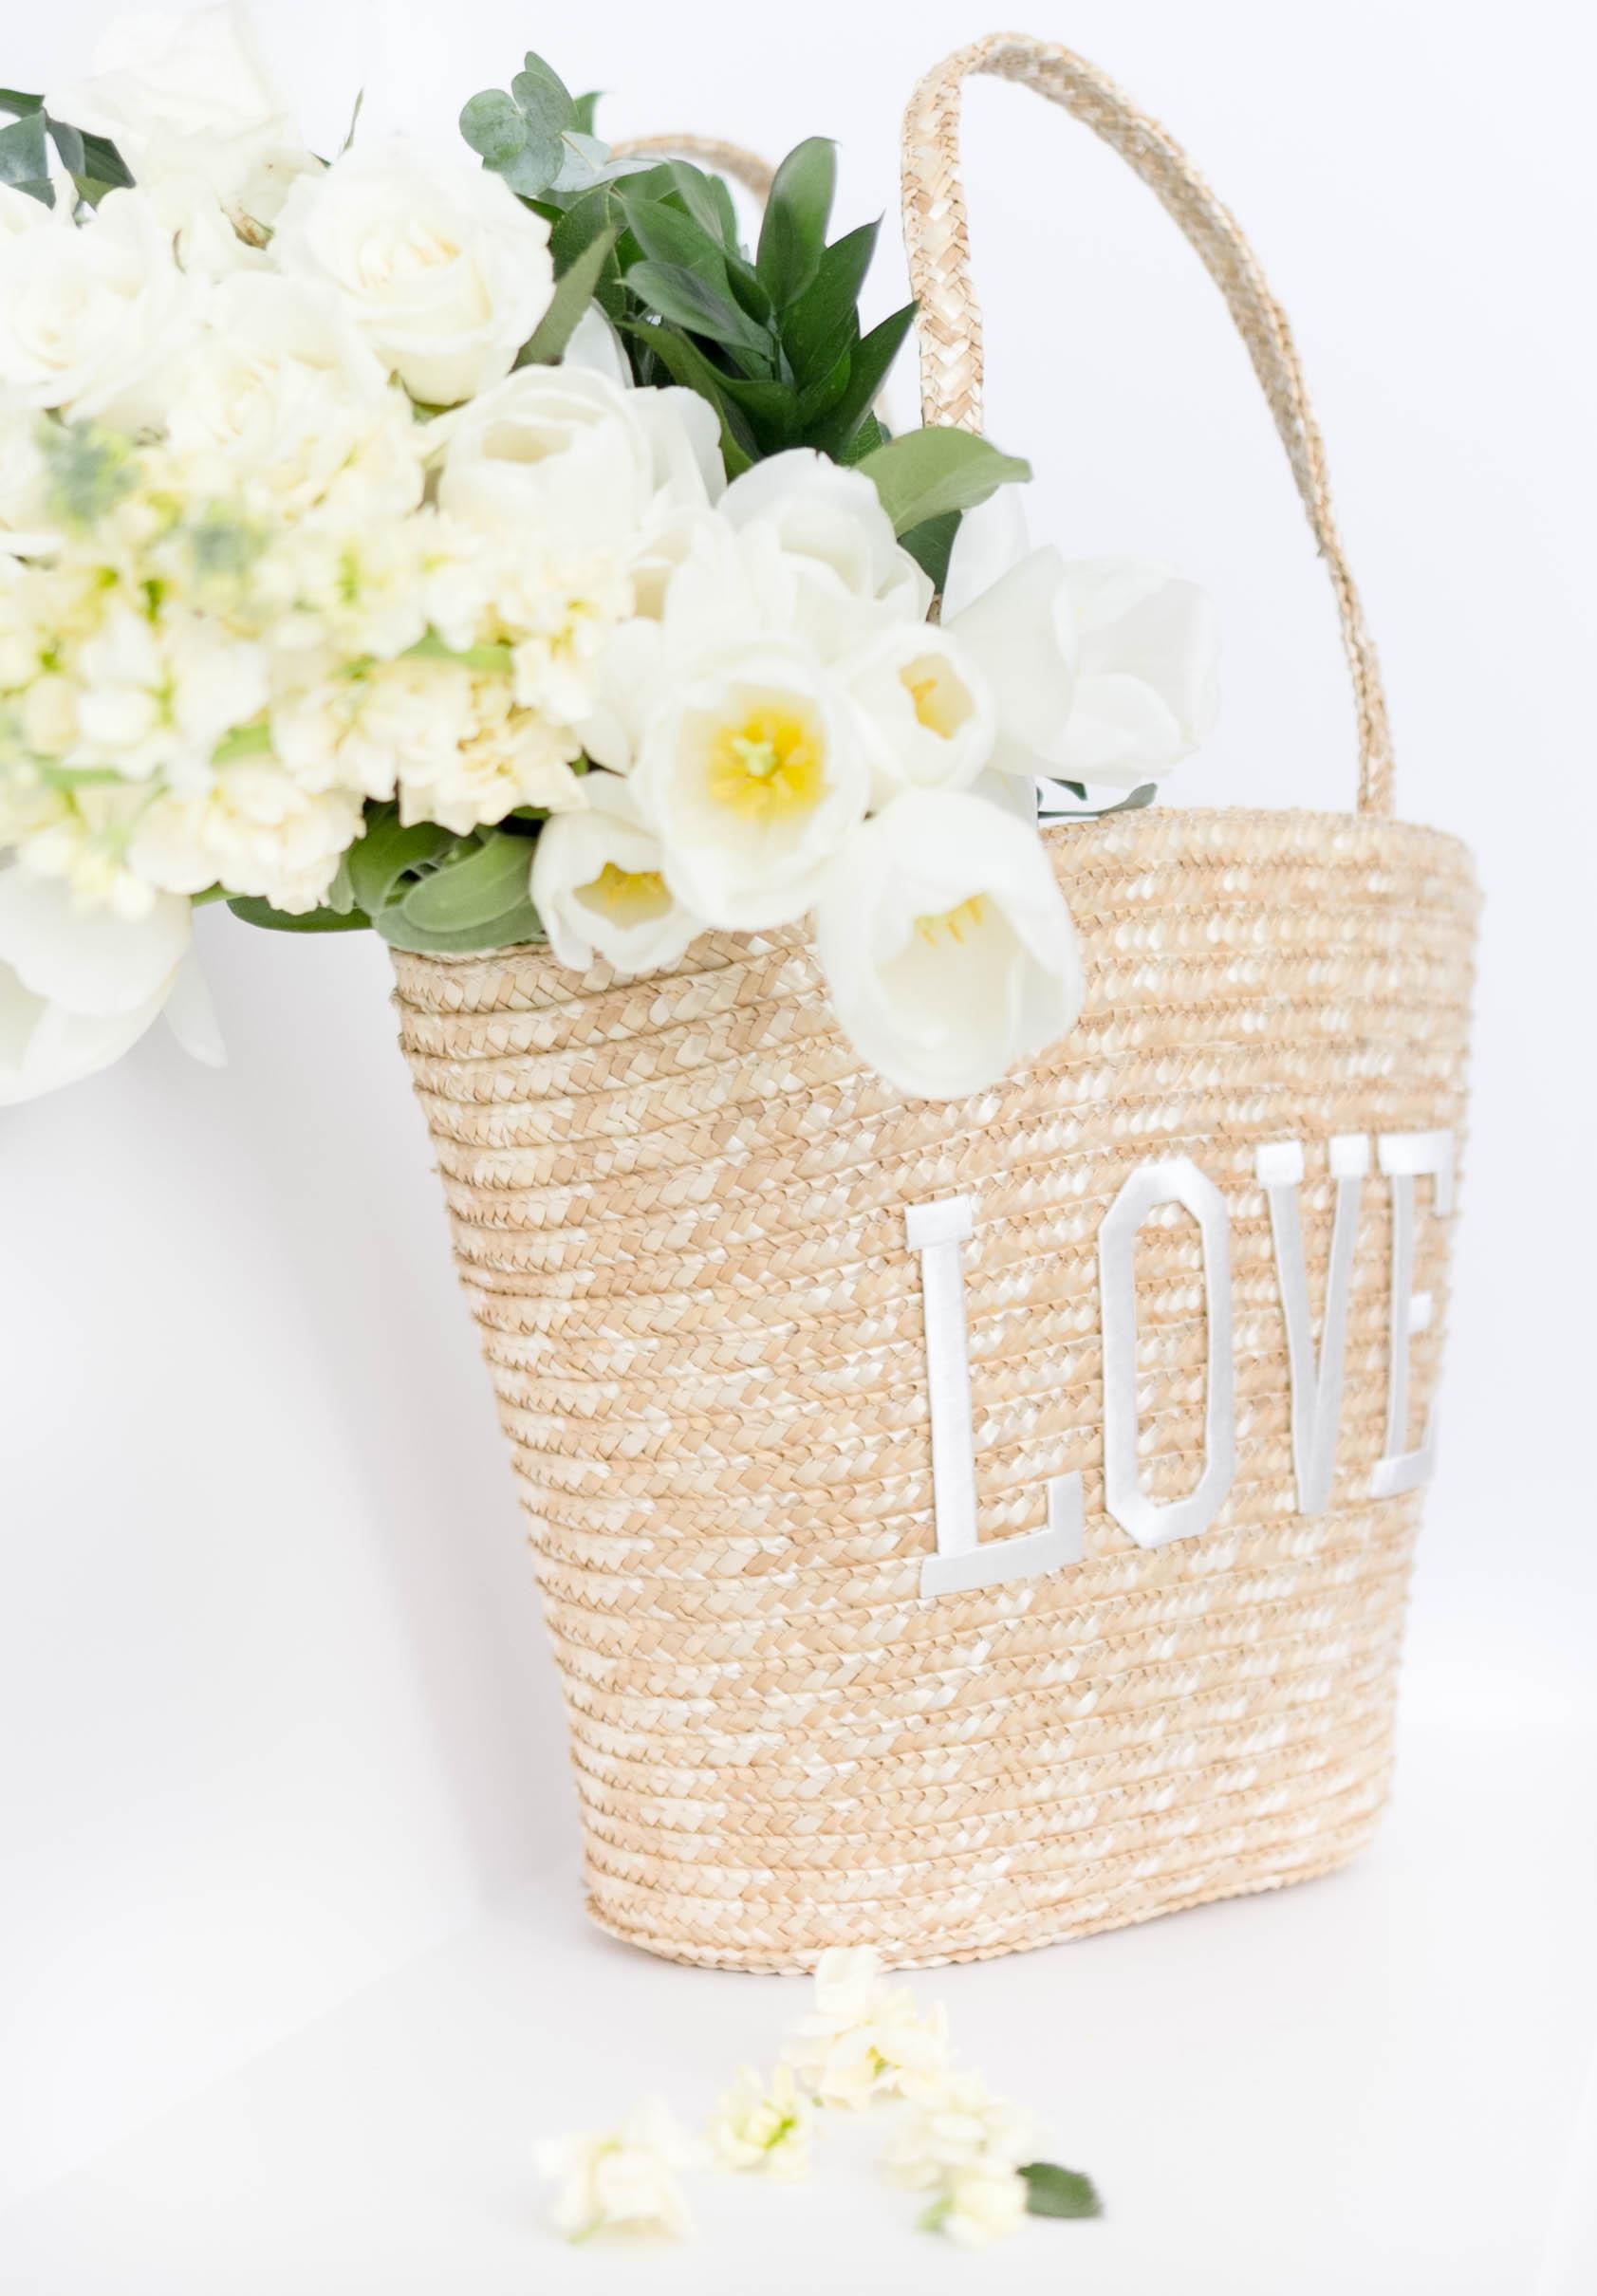 Simple Valentine's Day Craft, L-O-V-E Straw Tote by IrisNacole.com